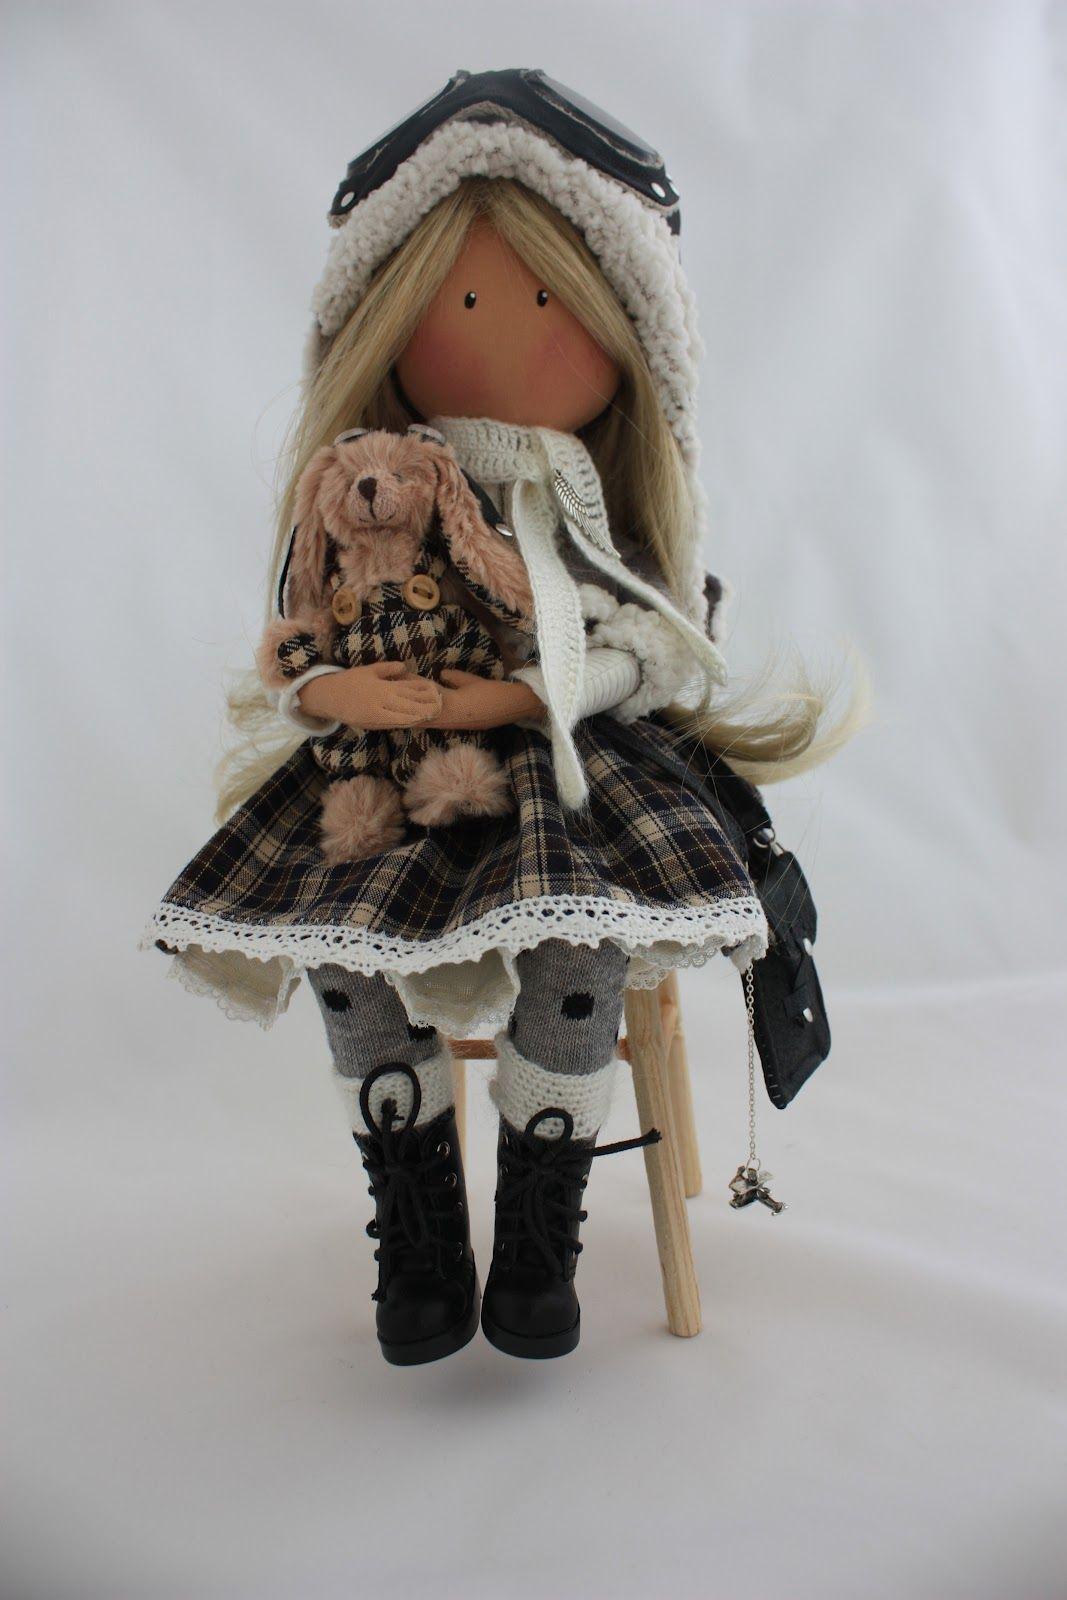 Куклы модели ручной работы поздравление девушки с днем рождения на работе